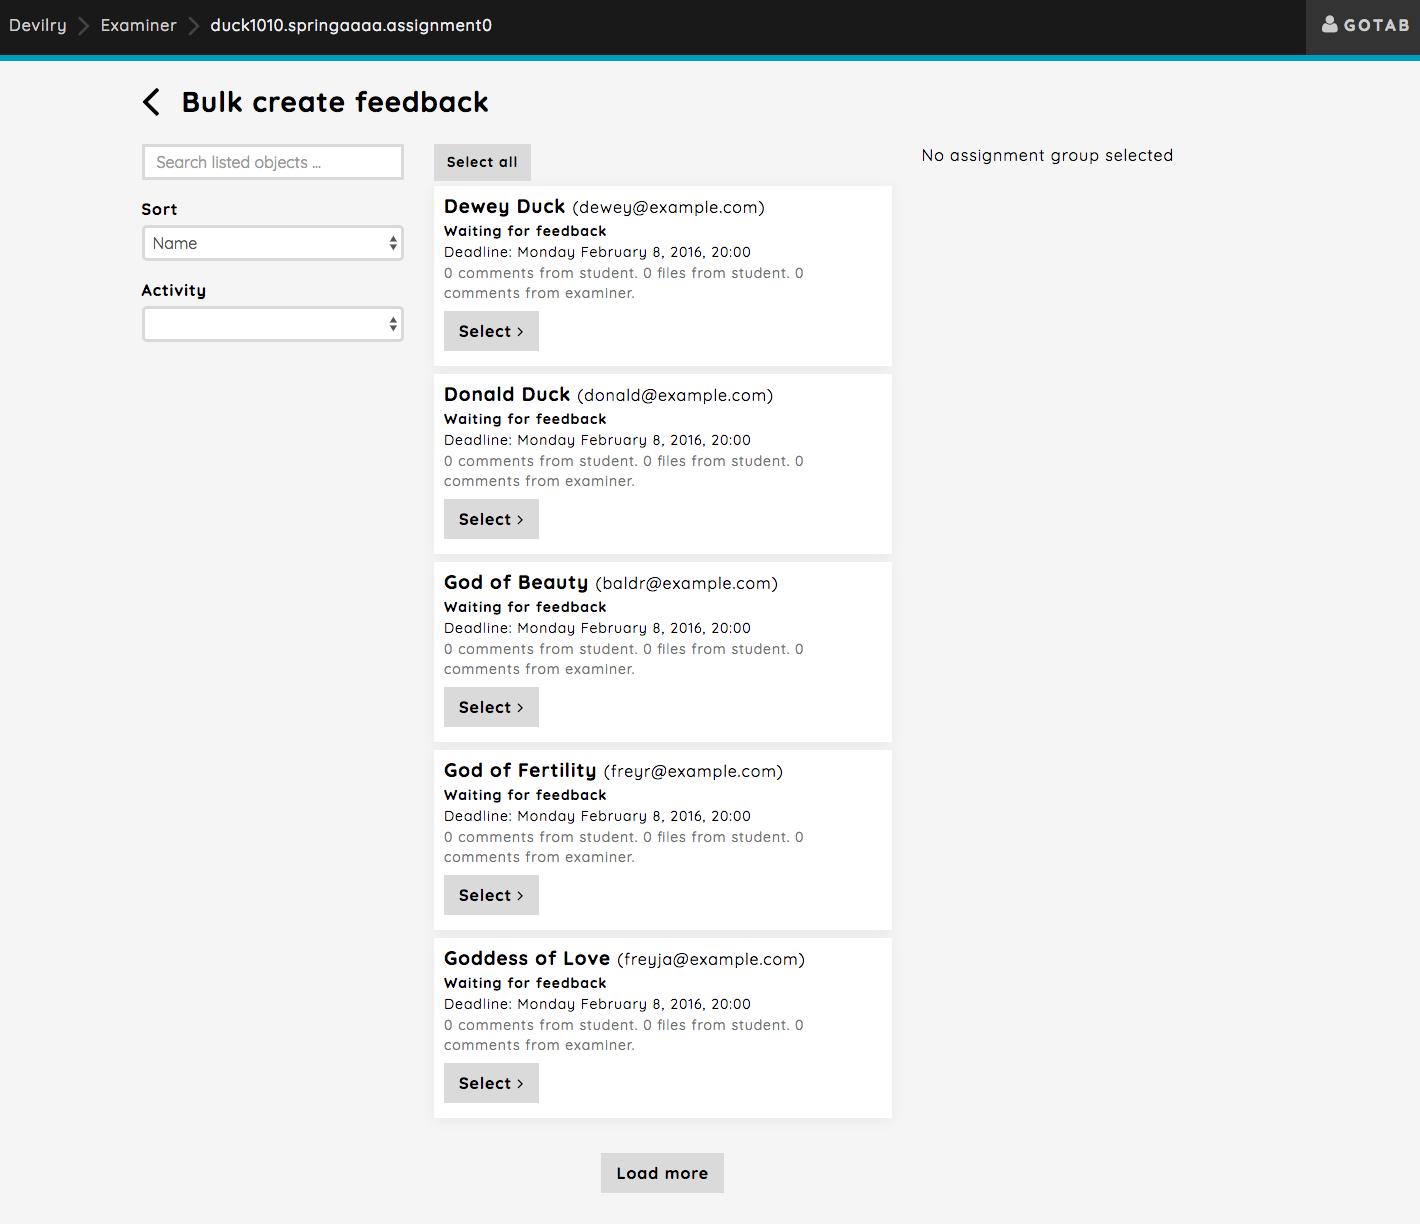 Bulk operations: Feedback — Devilry 4 0 2- documentation